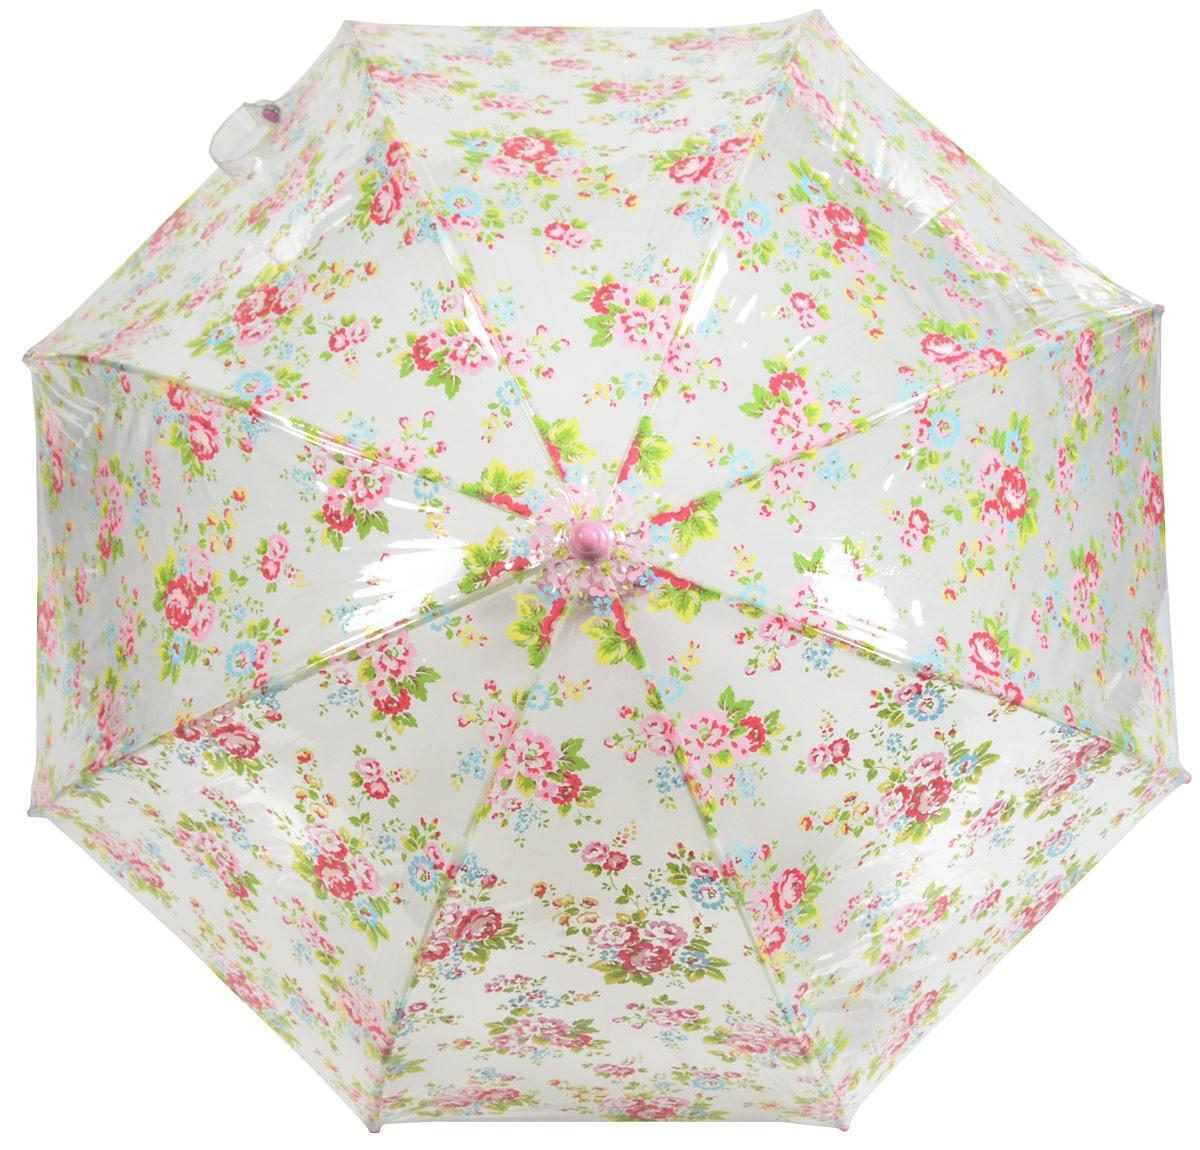 Зонт детский Fulton, расцветка: расцветкаы. C723-2657 SprayFlowers